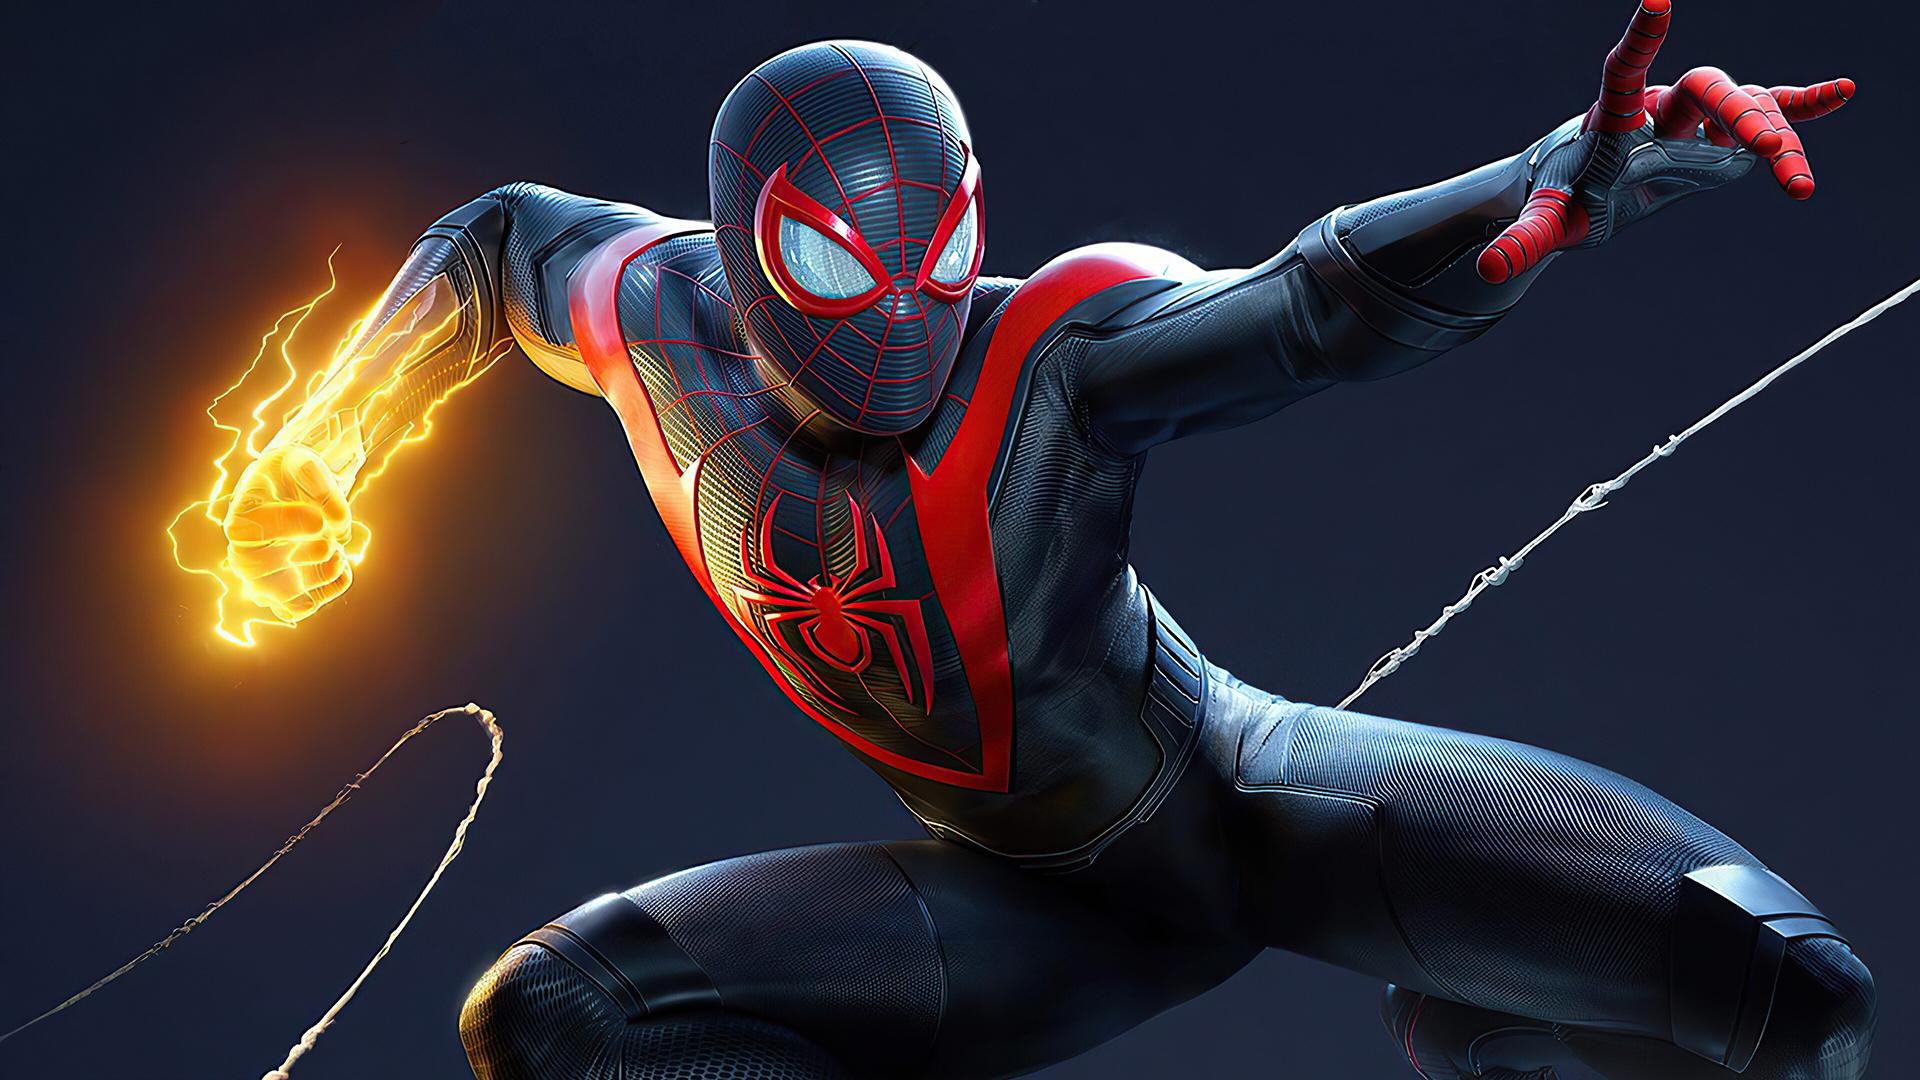 《蜘蛛侠:迈尔斯·莫拉莱斯》游戏高清电脑桌面壁纸